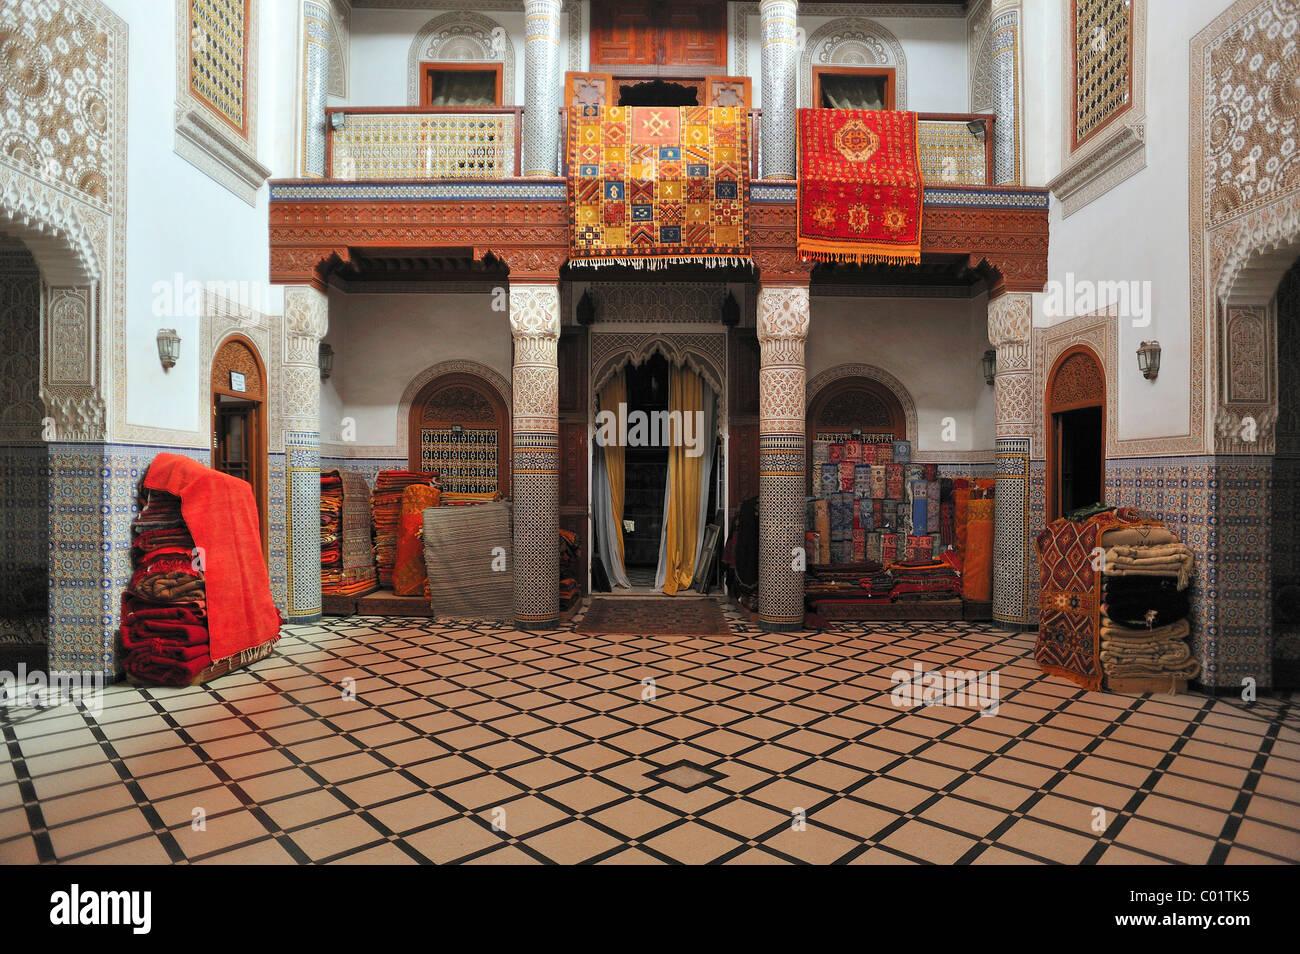 Las alfombras de una alfombra de concesionario, expuestos para la venta en un antiguo patio del palacio, Riad en Imagen De Stock